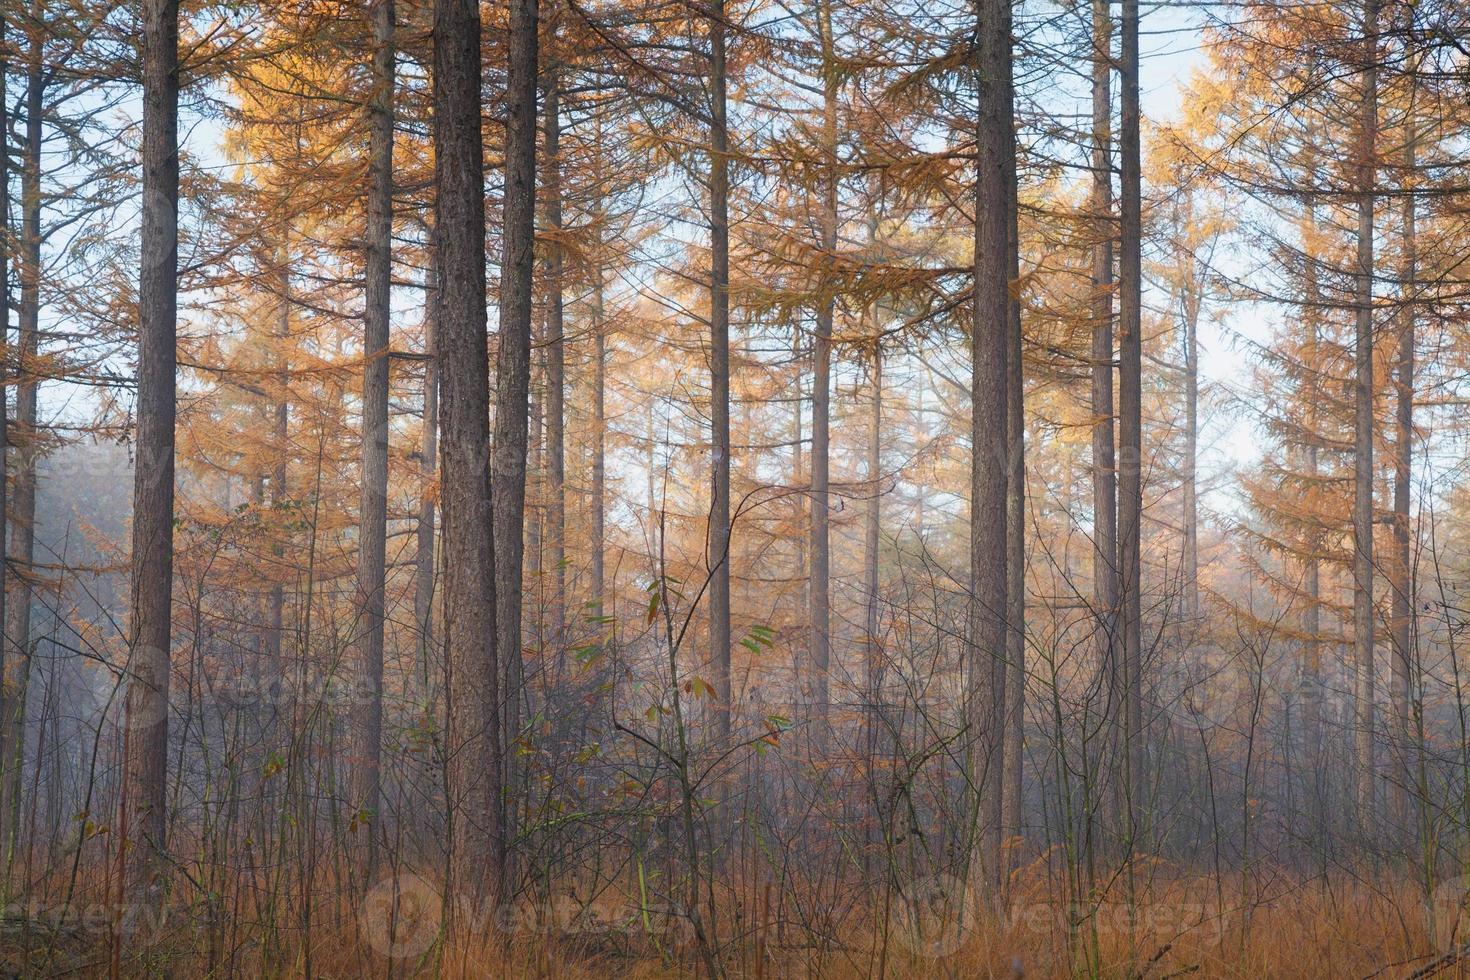 bosco di larici in autunno foto